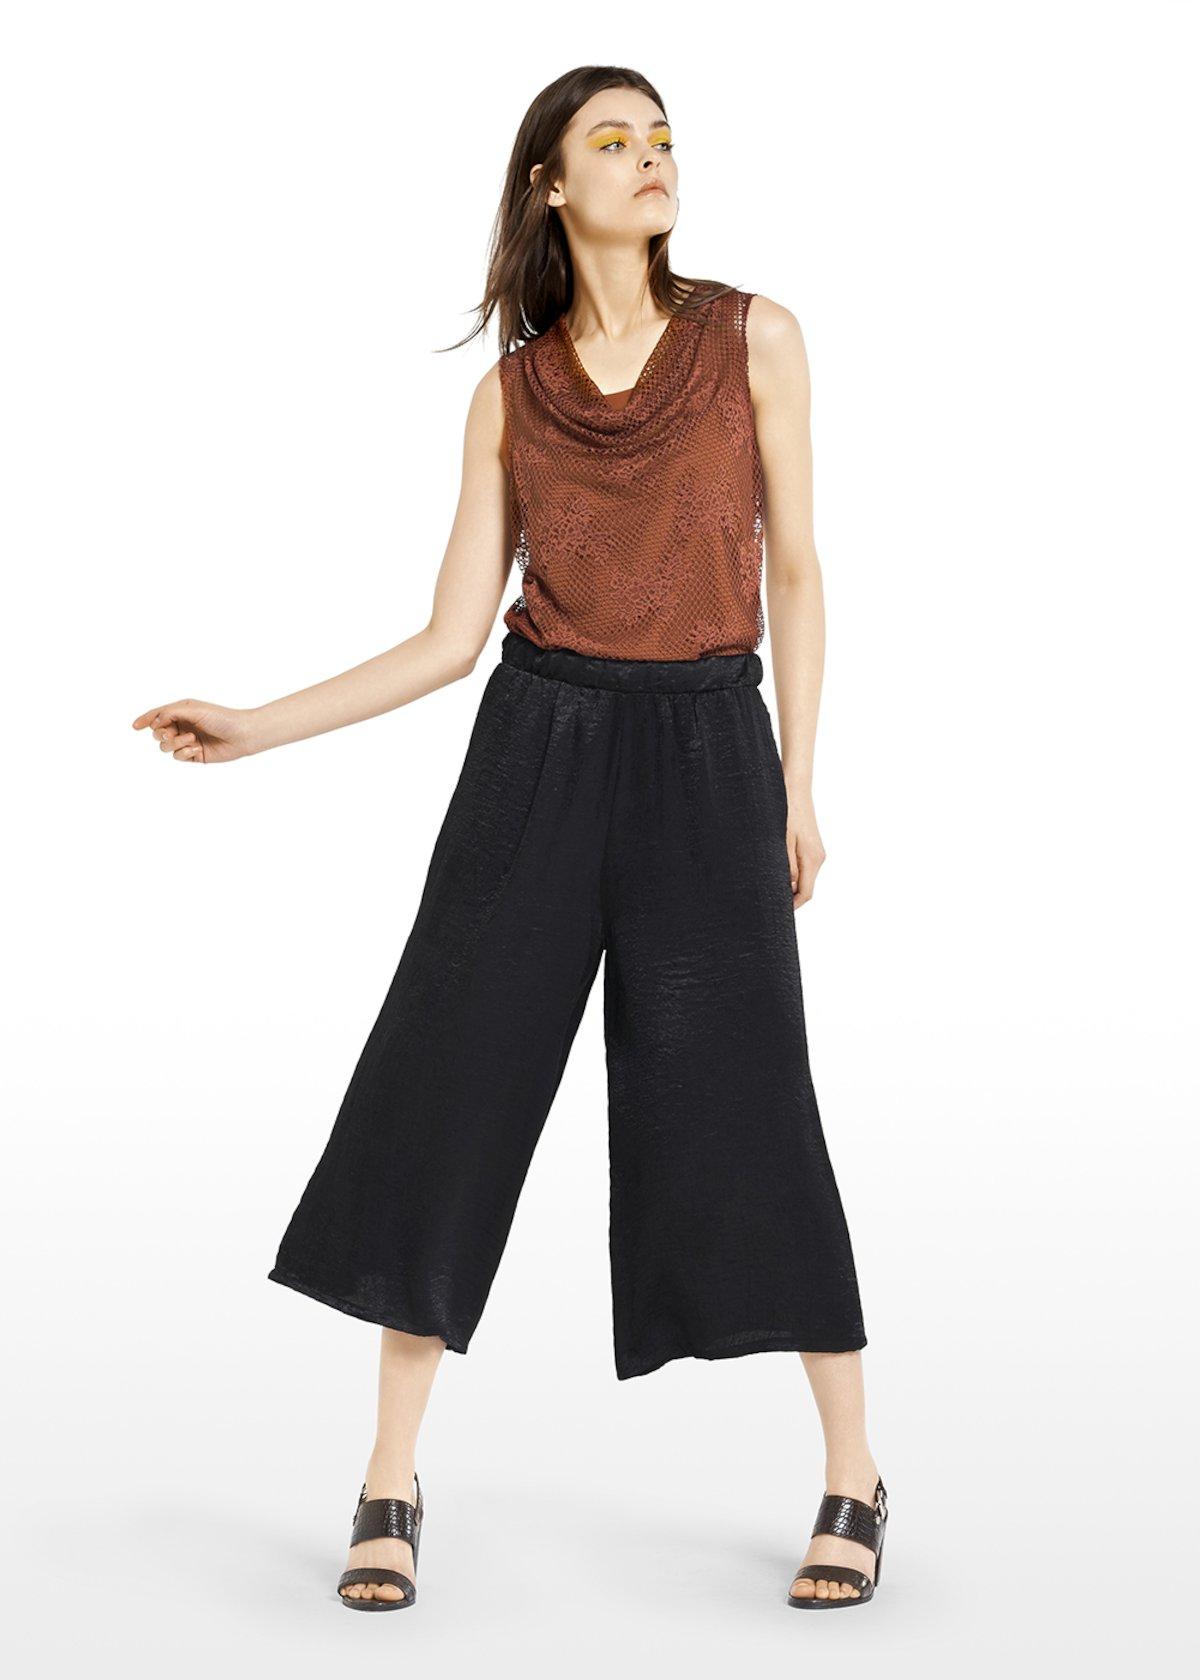 Pantaloni modello Megan effetto satin